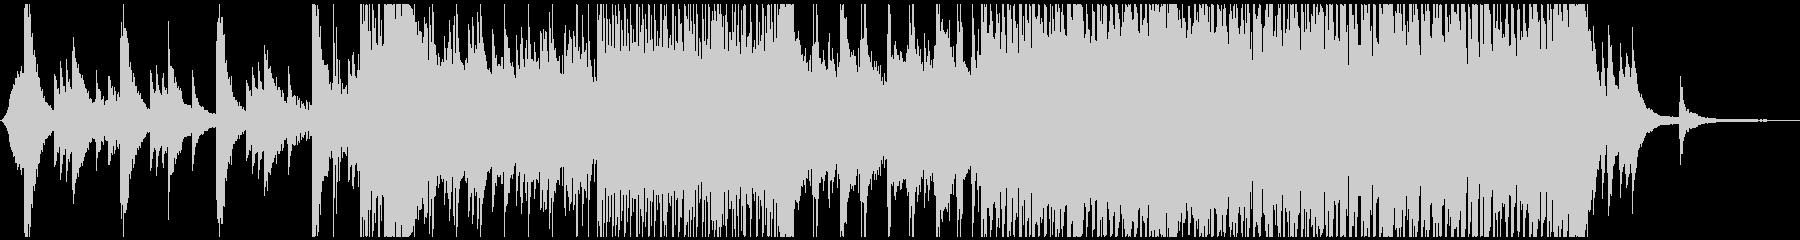 ピアノがメインの曲です。の未再生の波形